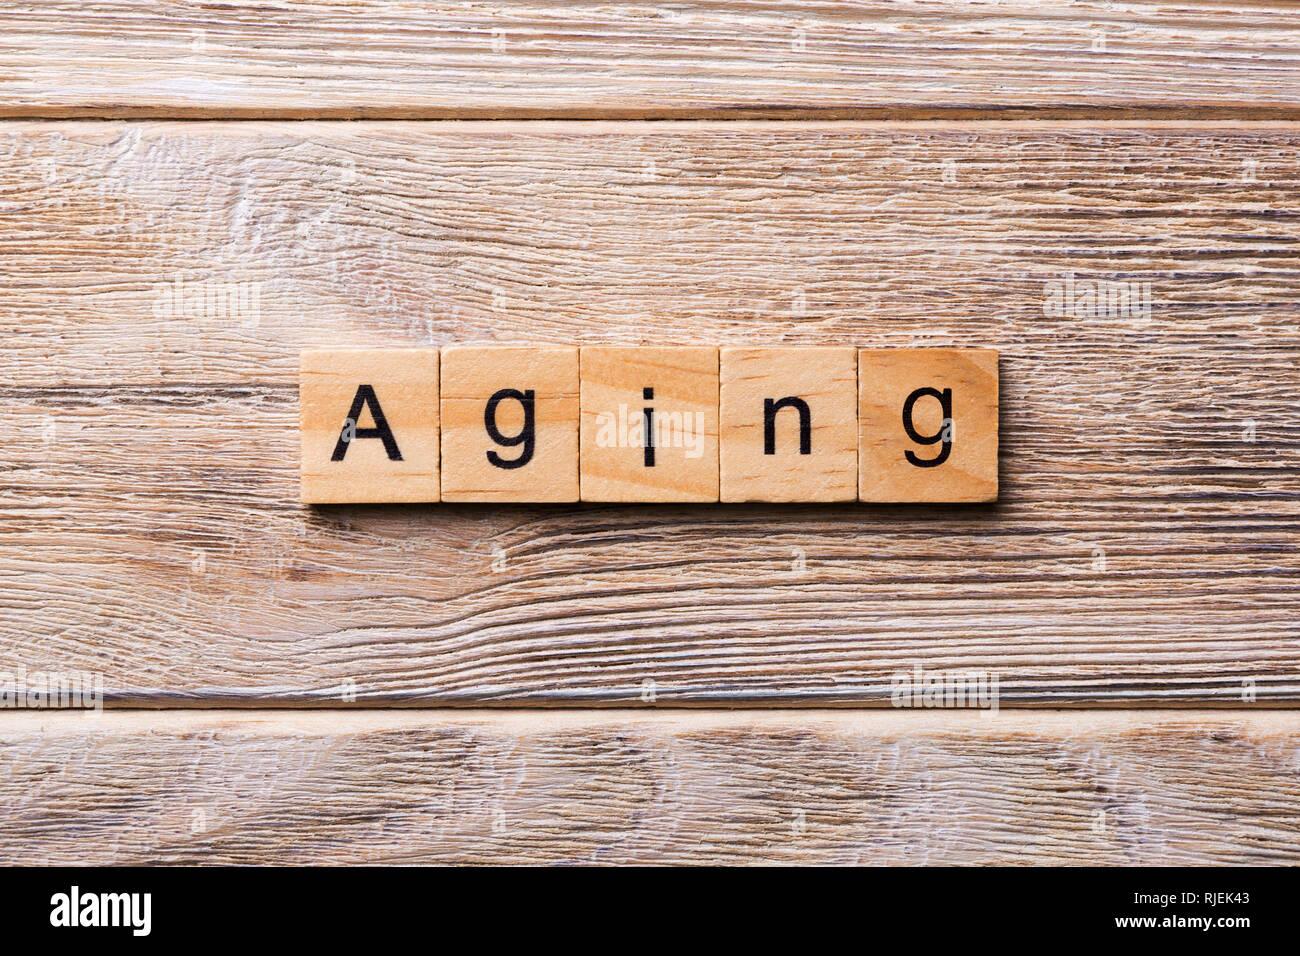 Envejecimiento de la palabra escrita sobre el bloque de madera. Envejecimiento texto sobre mesa de madera para su diseño, concepto. Imagen De Stock